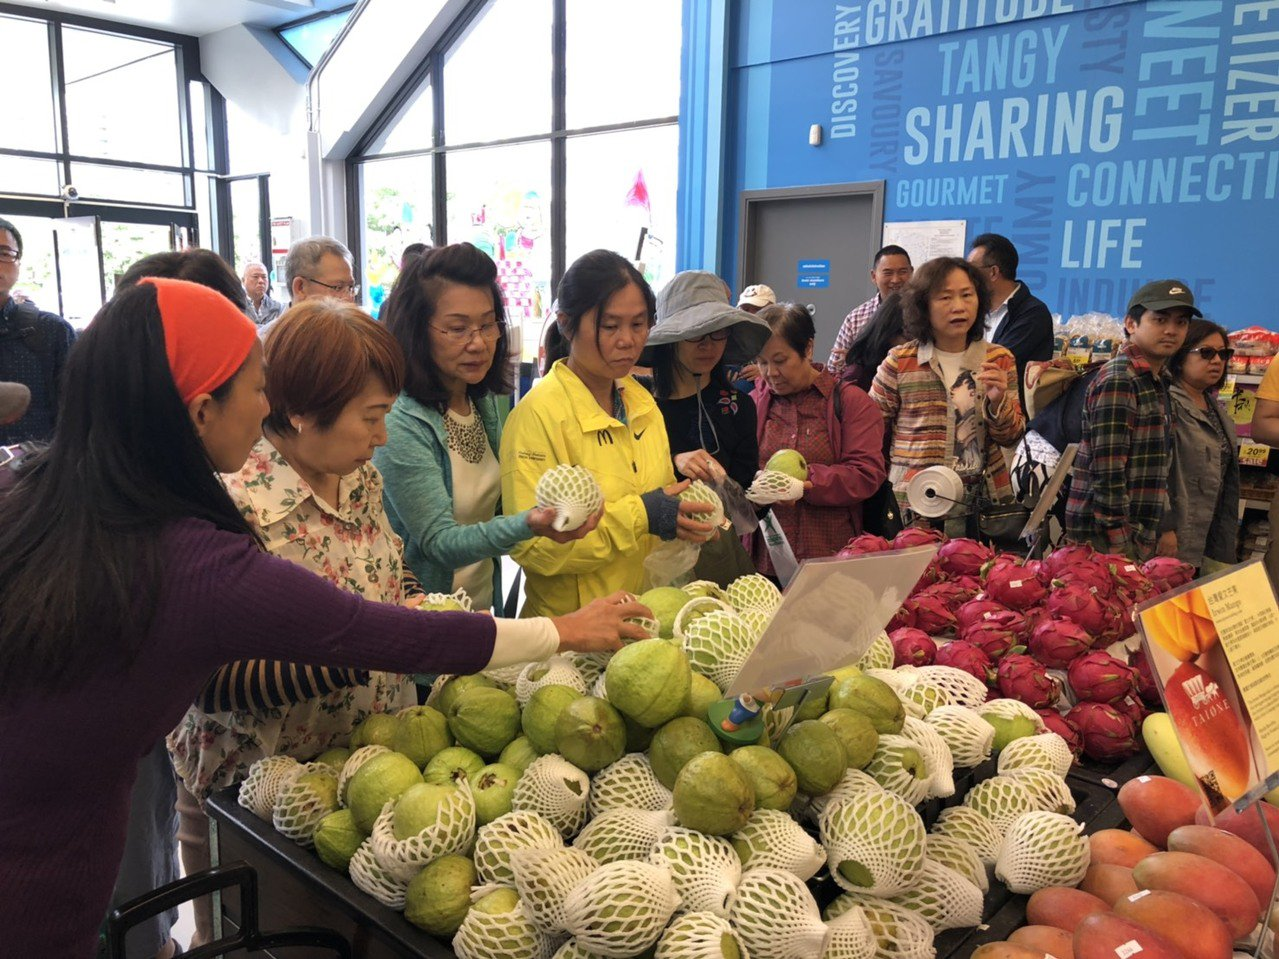 高雄熱季盛產的水果,今年持續在加拿大開賣,為吸引位在溫哥華的消費者多選購高雄水果...